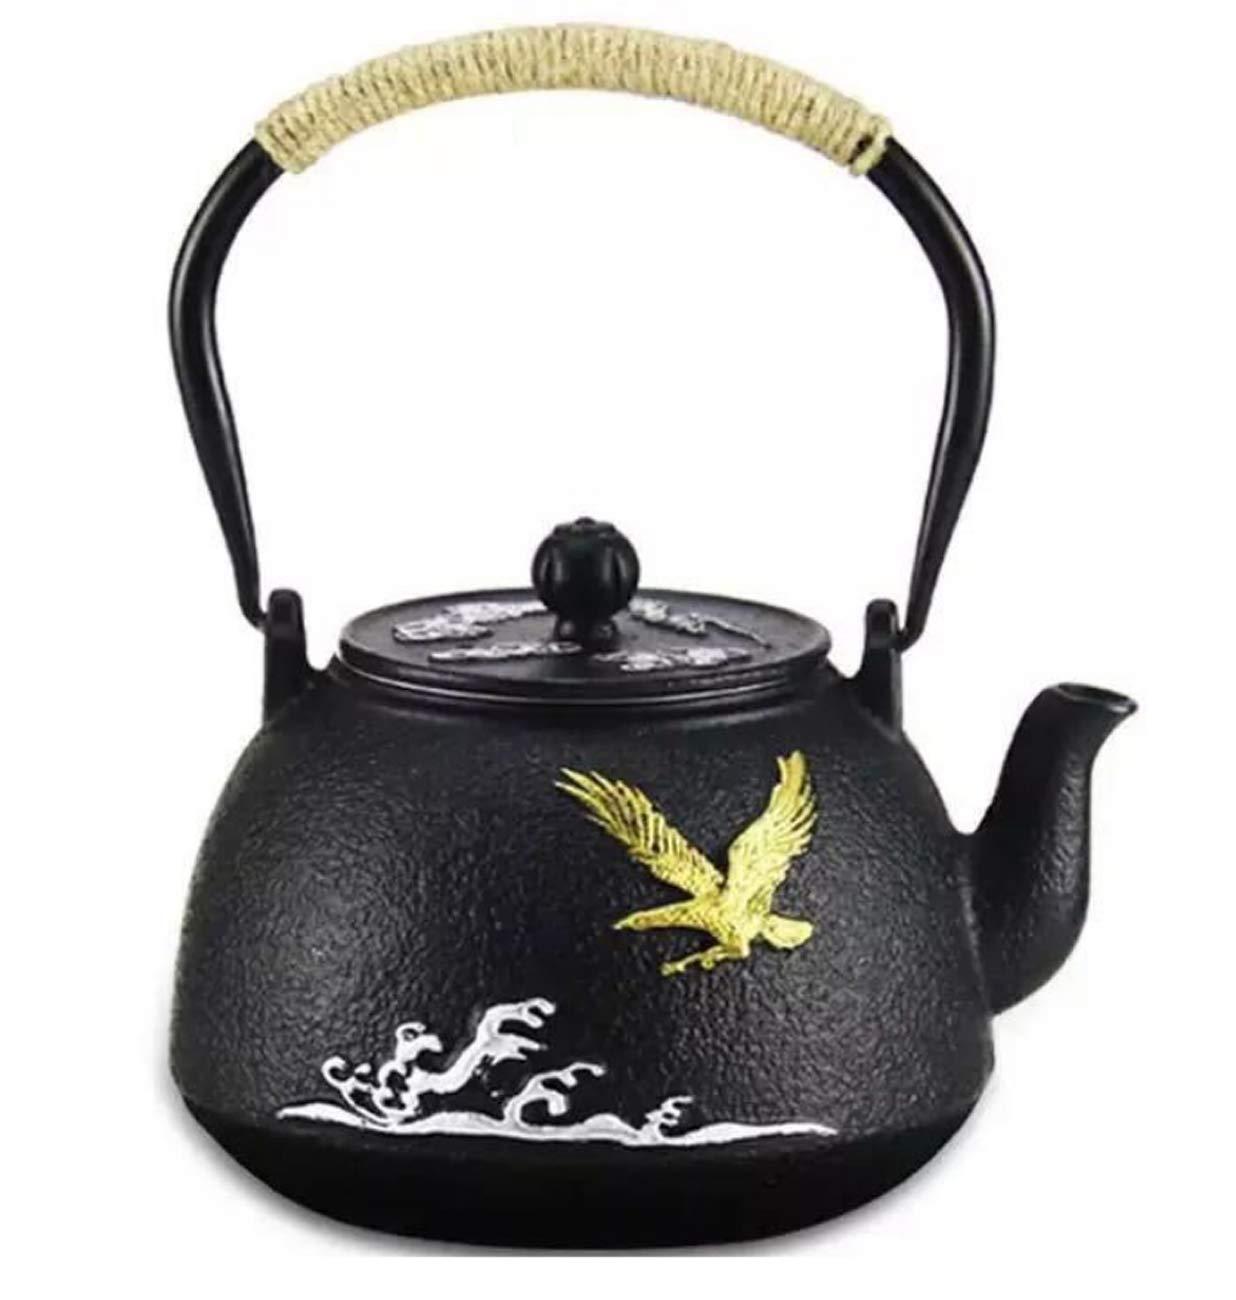 Kessel Haushalt Gekocht Tee Gebraut Tee Iron Pot 1,2 L